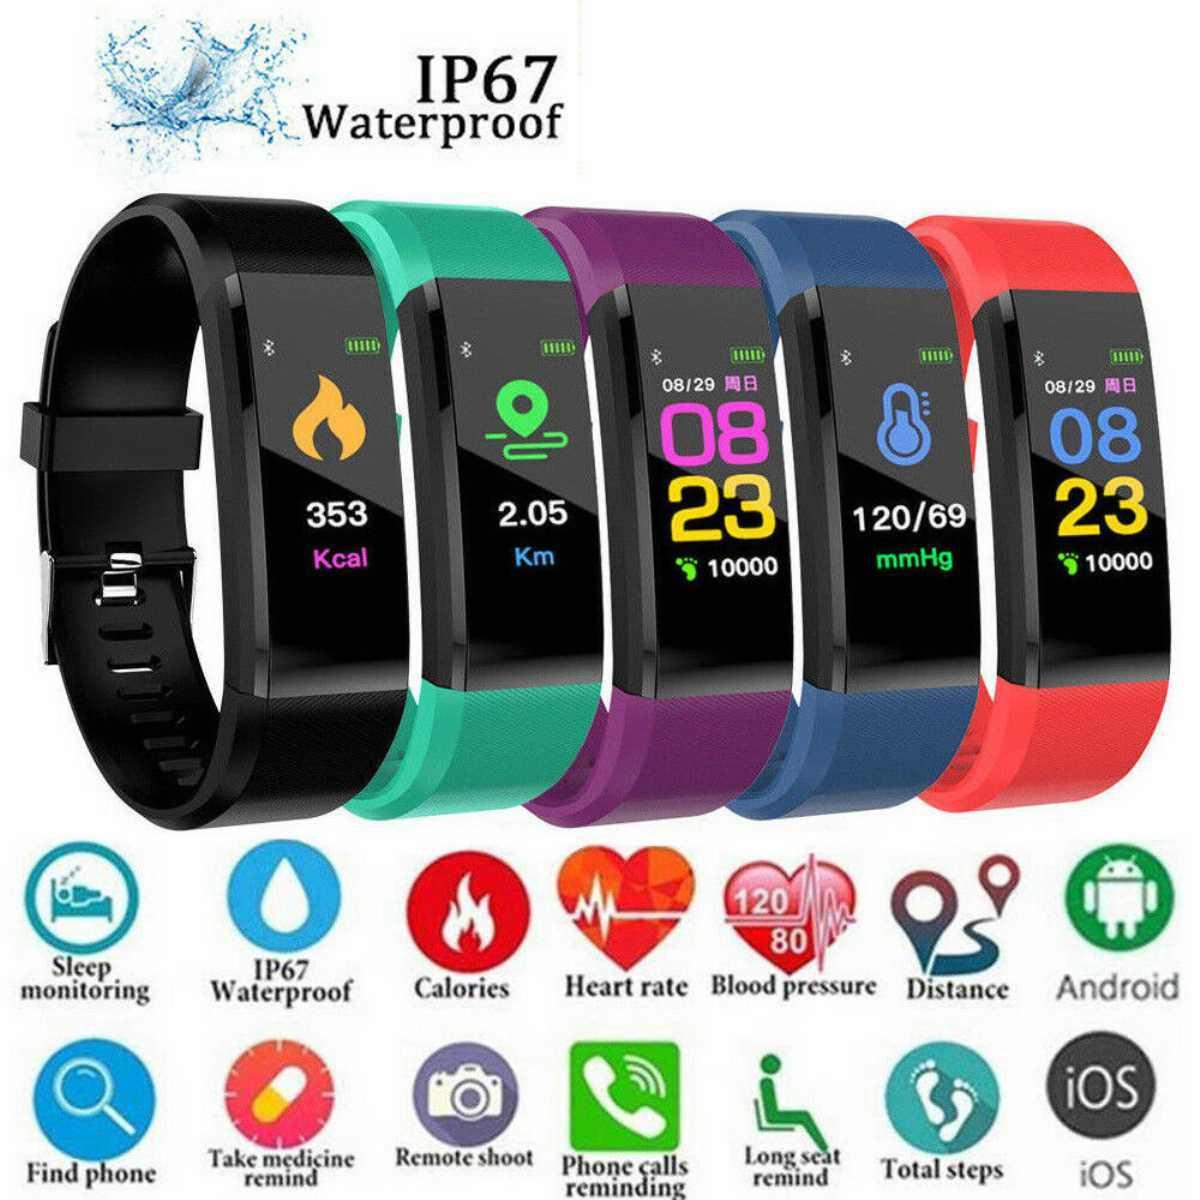 Smart Watch Pria Wanita Monitor Detak Jantung Tekanan Darah Kebugaran 0.96 Inch Smartwatch Sport Jam Tangan untuk IOS Android